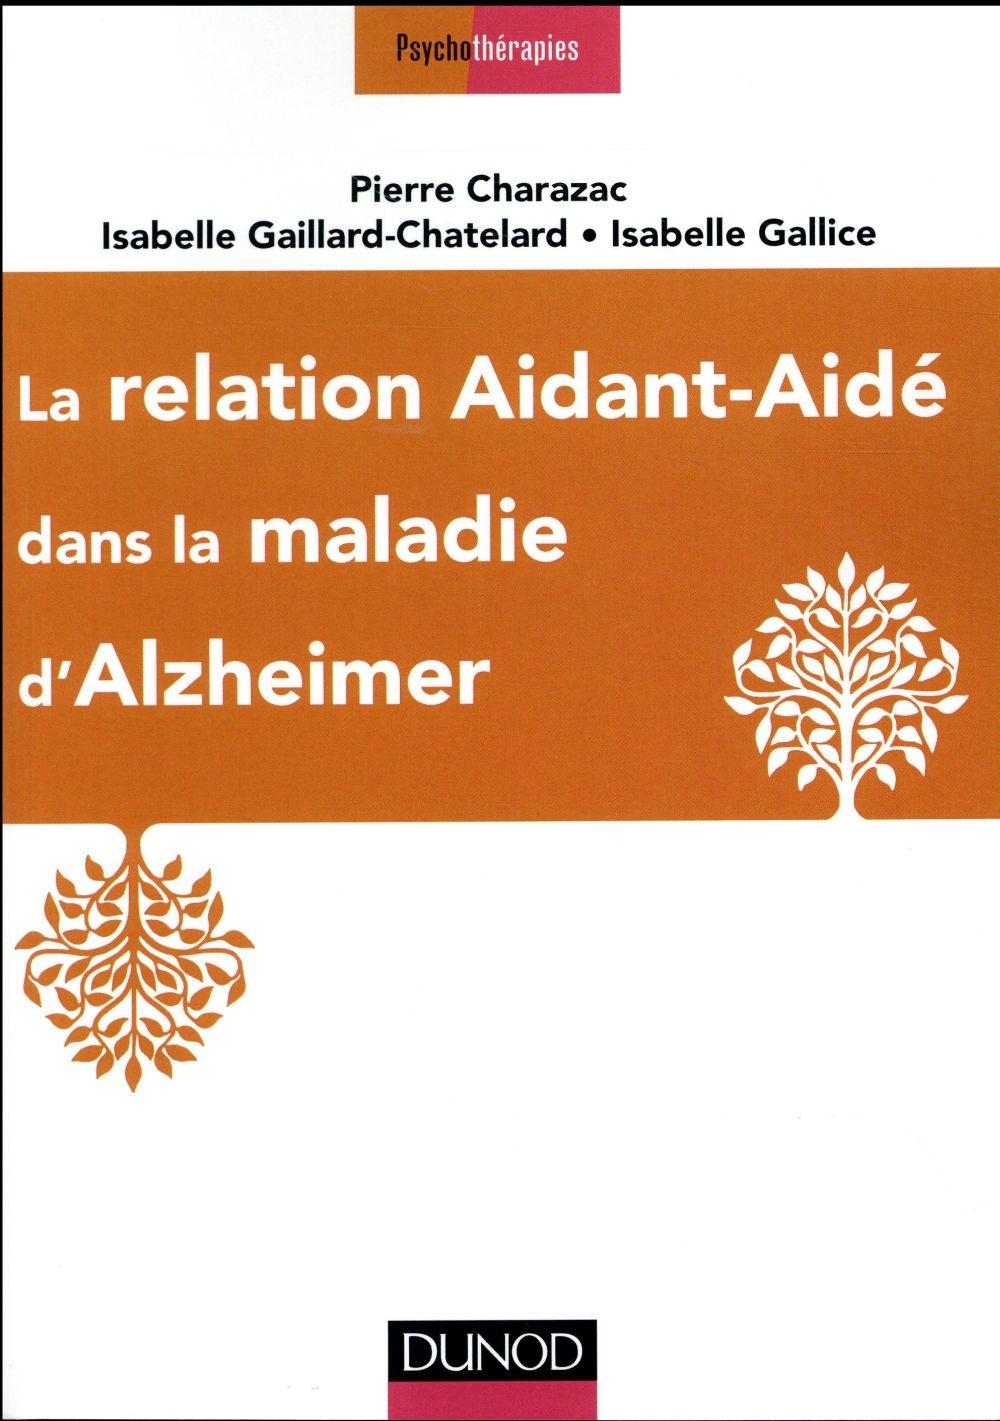 LA RELATION AIDANT-AIDE DANS LA MALADIE D'ALZHEIMER